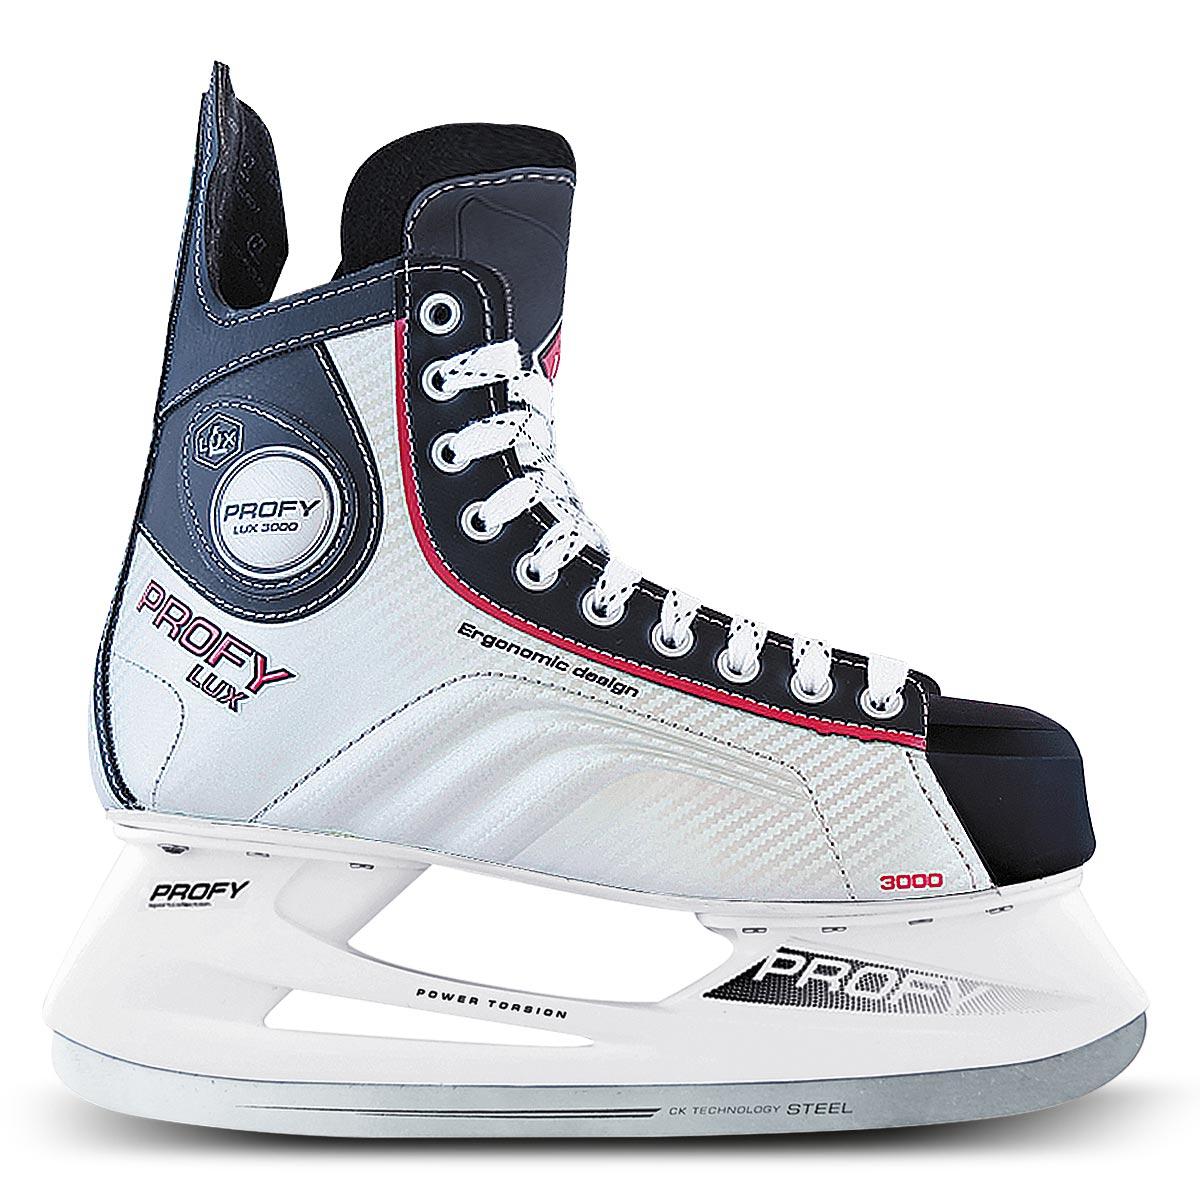 Коньки хоккейные для мальчика СК Profy Lux 3000, цвет: черный, серебряный, красный. Размер 35PW-216DN_40Коньки хоккейные мужские СК Profy Lux 3000 прекрасно подойдут для профессиональных игроков в хоккей. Ботинок выполнен из морозоустойчивой искусственной кожи и специального резистентного ПВХ, а язычок - из двухслойного войлока и искусственной кожи. Слоевая композитная технология позволила изготовить ботинок, полностью обволакивающий ногу. Это обеспечивает прочную и удобную фиксацию ноги, повышает защиту от ударов. Ботинок изготовлен с учетом антропометрии стоп россиян, что обеспечивает комфорт и устойчивость ноги, правильное распределение нагрузки, сильно снижает травмоопасность. Конструкция носка ботинка, изготовленного из ударопрочного энергопоглощающего термопластичного полиуретана Hytrel® (DuPont), обеспечивает увеличенную надежность защиты передней части ступни от ударов. Усиленные боковины ботинка из формованного PVC укрепляют боковую часть ботинка и дополнительно защищают ступню от ударов за счет поглощения энергии. Тип застежки ботинок – классическая шнуровка. Стелька из упругого пенного полимерного материала EVA гарантирует комфортное положение ноги в ботинке, обеспечивает быструю адаптацию ботинка к индивидуальным формам ноги, не теряет упругости при изменении температуры и не разрушается от воздействия пота и влаги. Легкая прочная низкопрофильная полимерная подошва инжекционного формования практически без потерь передает энергию от толчка ноги к лезвию – быстрее набор скорости, резче повороты и остановки, острее чувство льда. Лезвие из нержавеющей стали 420J обеспечит превосходное скольжение.